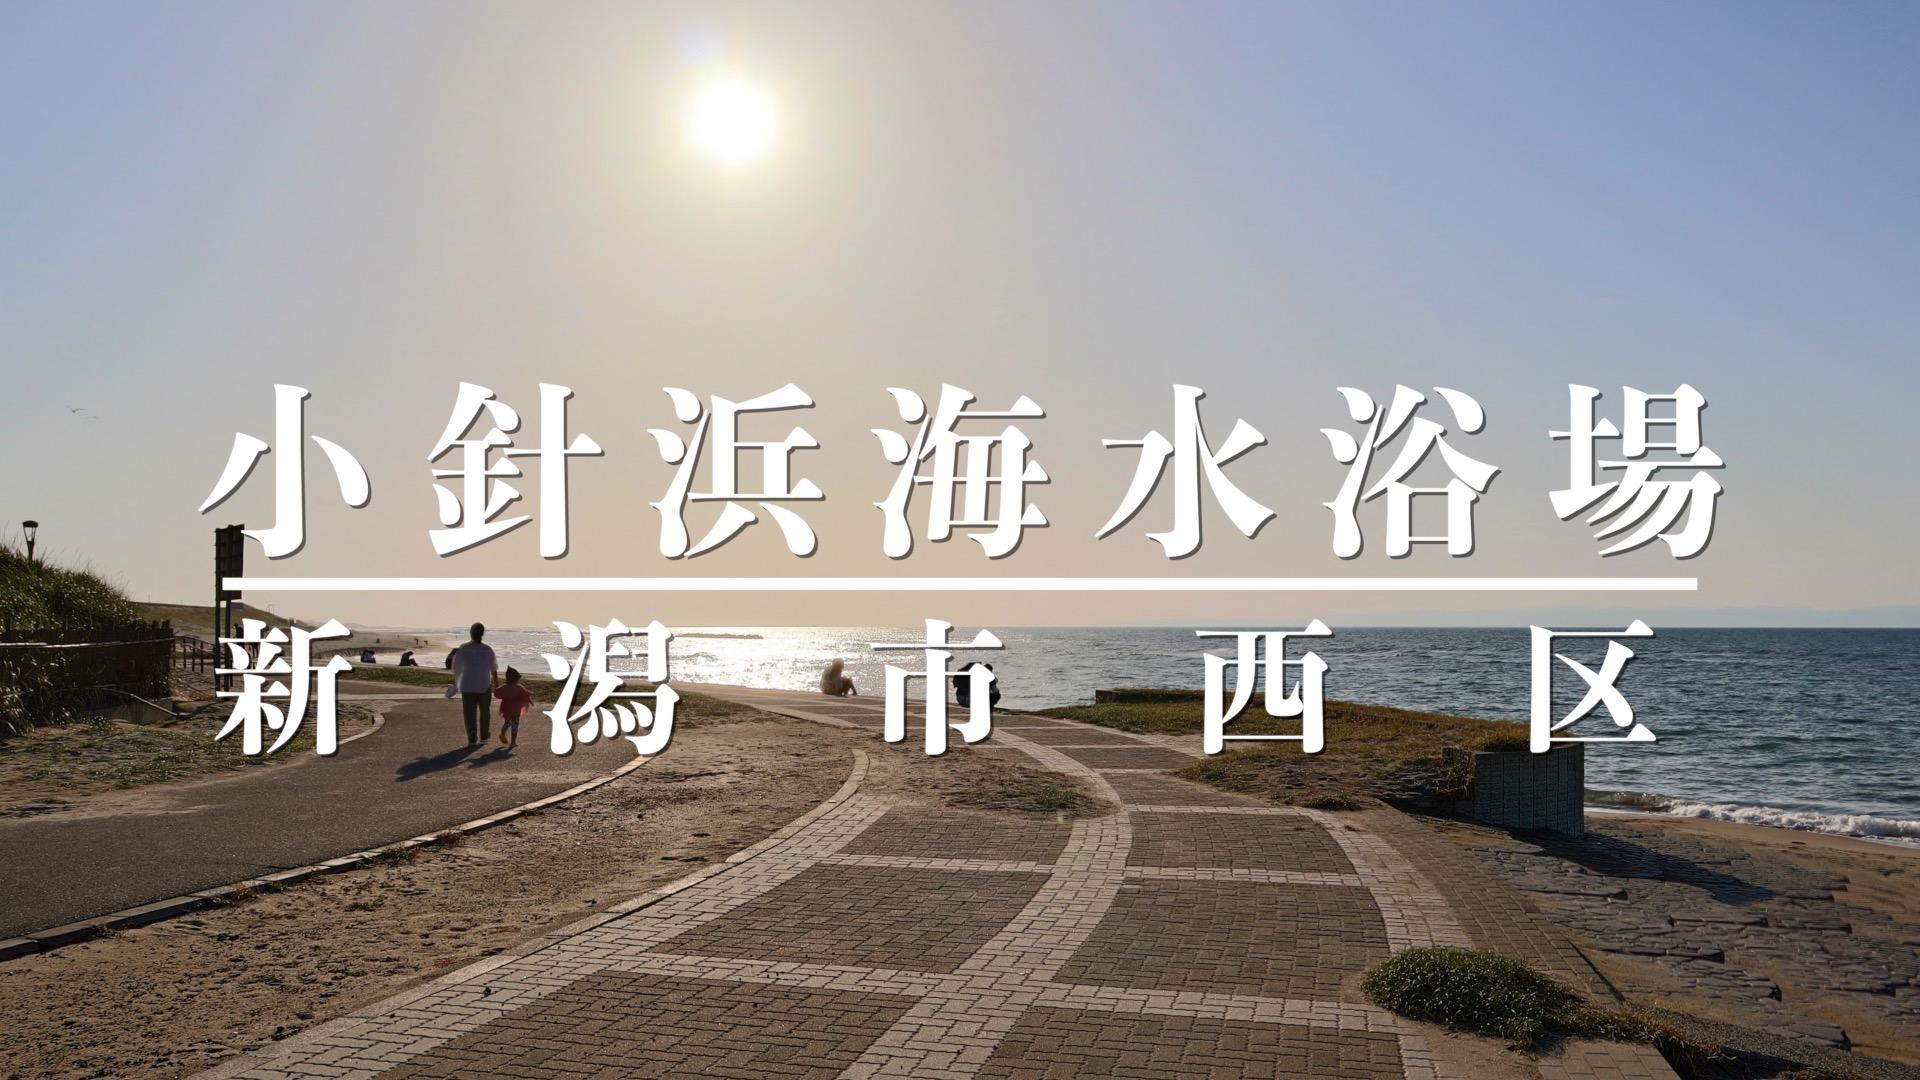 小針浜海水浴場のアイキャッチ画像